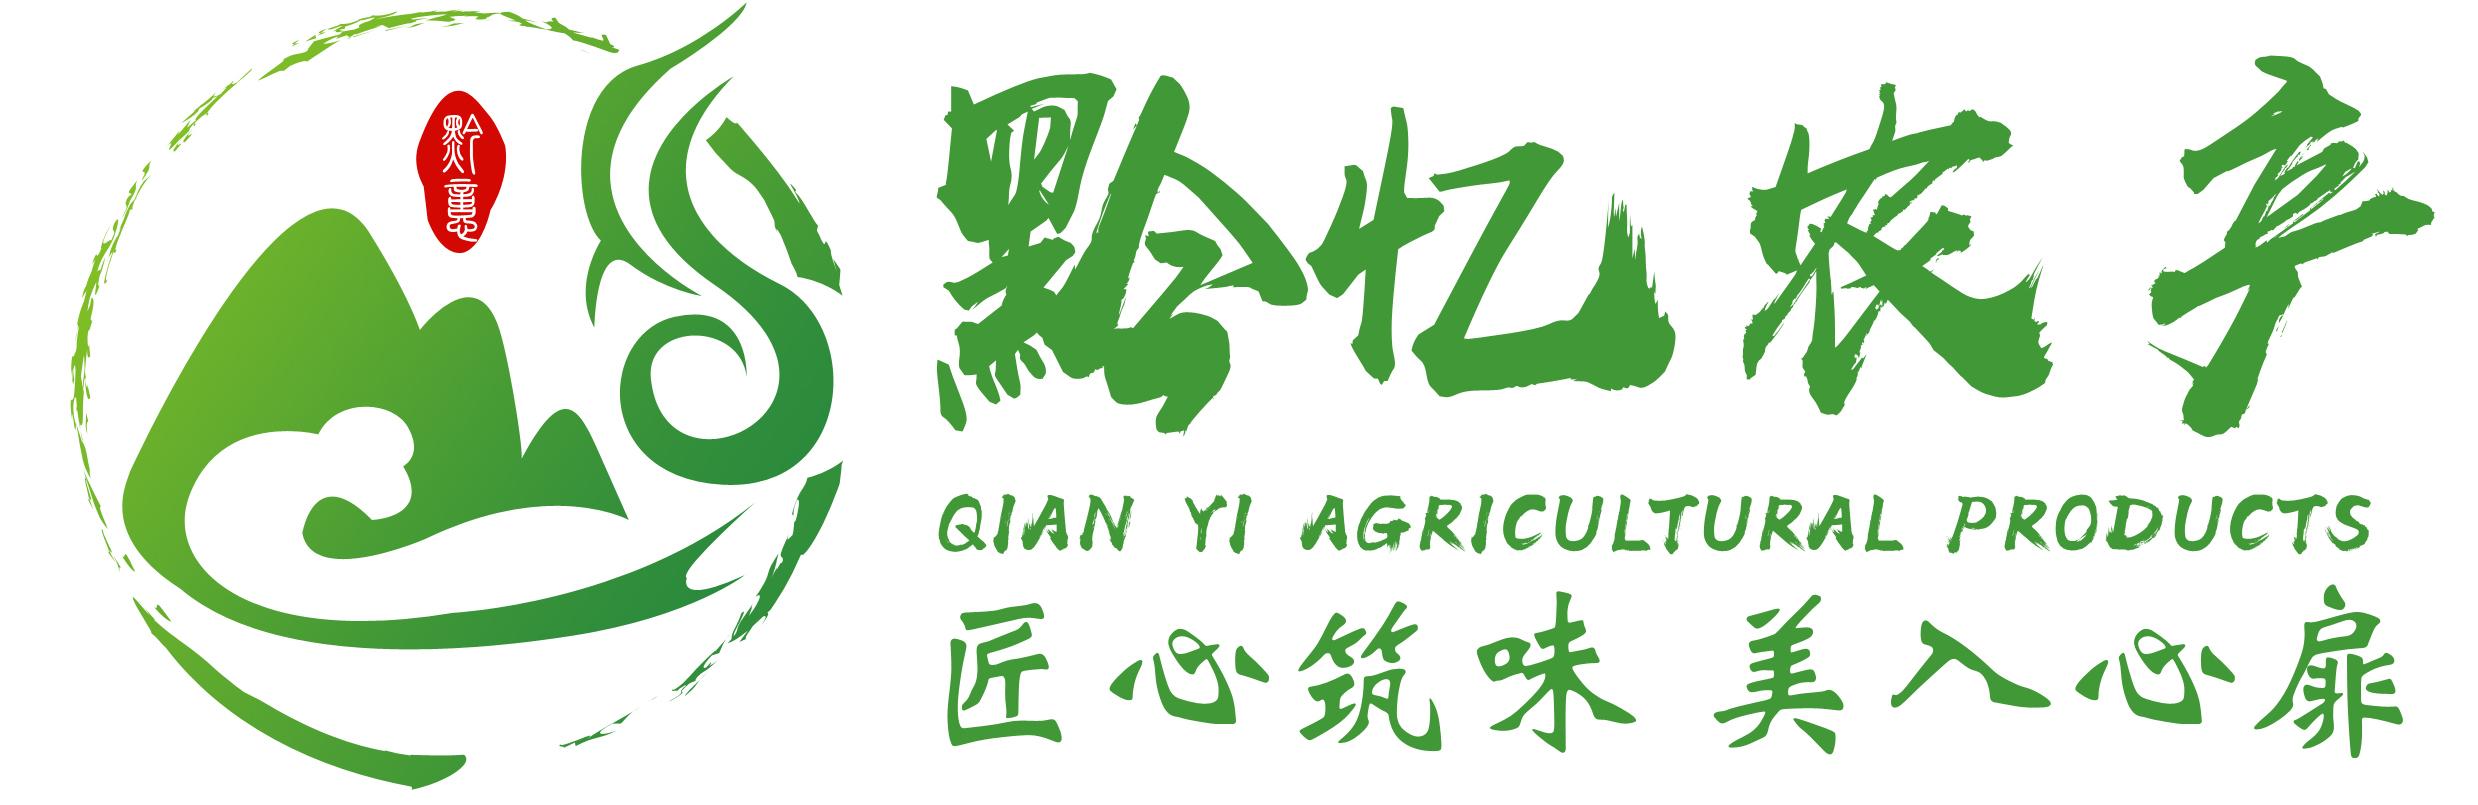 贵州黔忆农产品有限公司